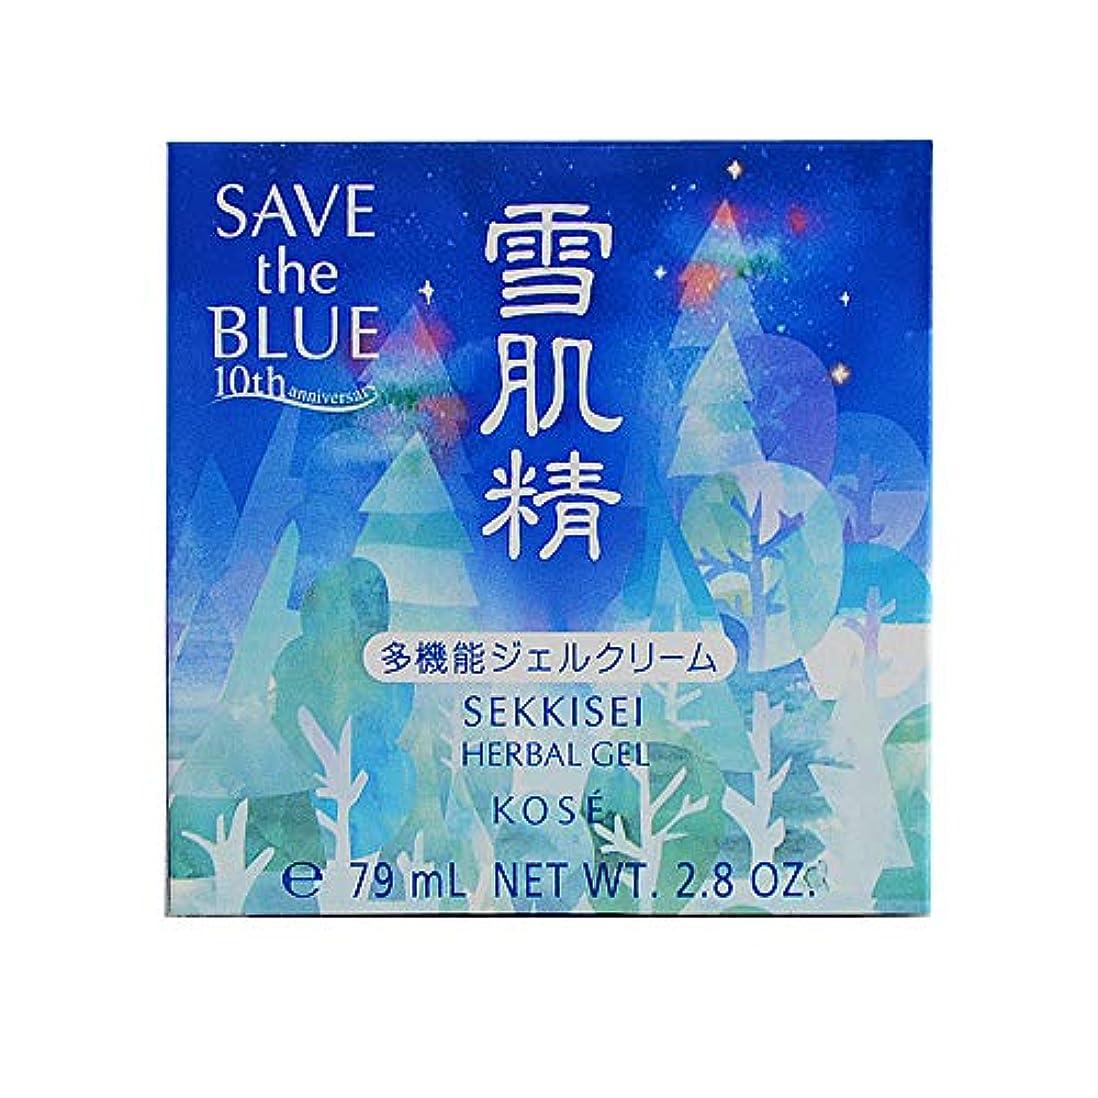 コーセー 雪肌精 ハーバルジェル 80g (SAVE the BLUE) [ フェイスクリーム ] [並行輸入品]